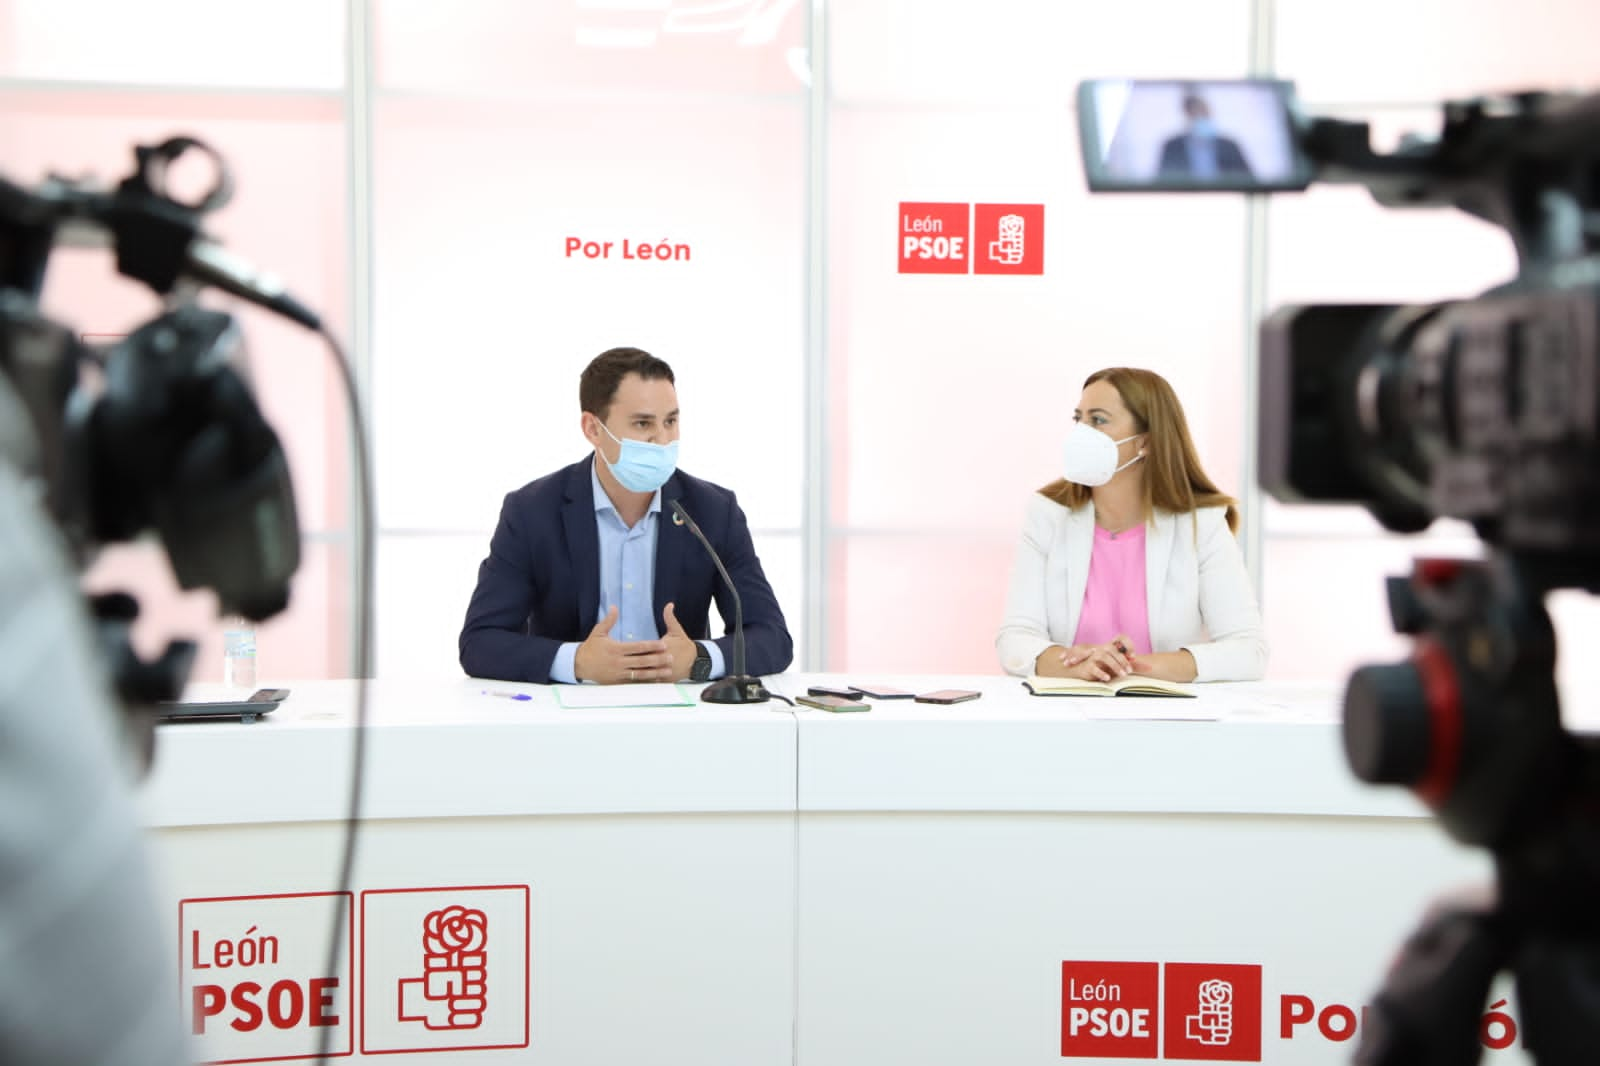 El PSOE de León anuncia que estará vigilante con el reparto por parte de la Junta de los fondos del Plan de Recuperación, Transformación y Resiliencia del Gobierno de España